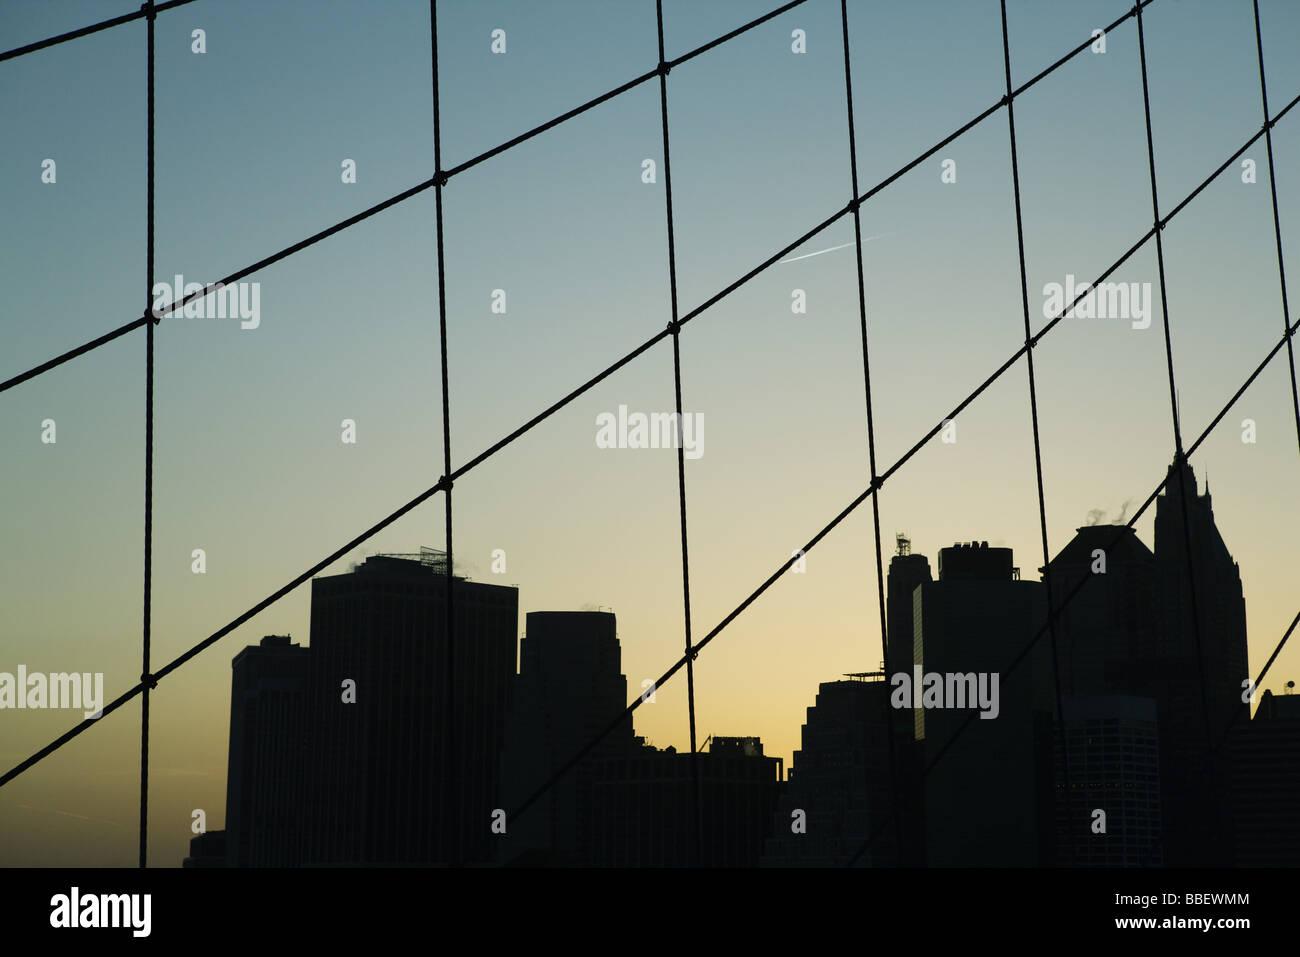 Stati Uniti, New York City, silhouette della skyline di Manhattan visto attraverso il Ponte di Brooklyn Immagini Stock